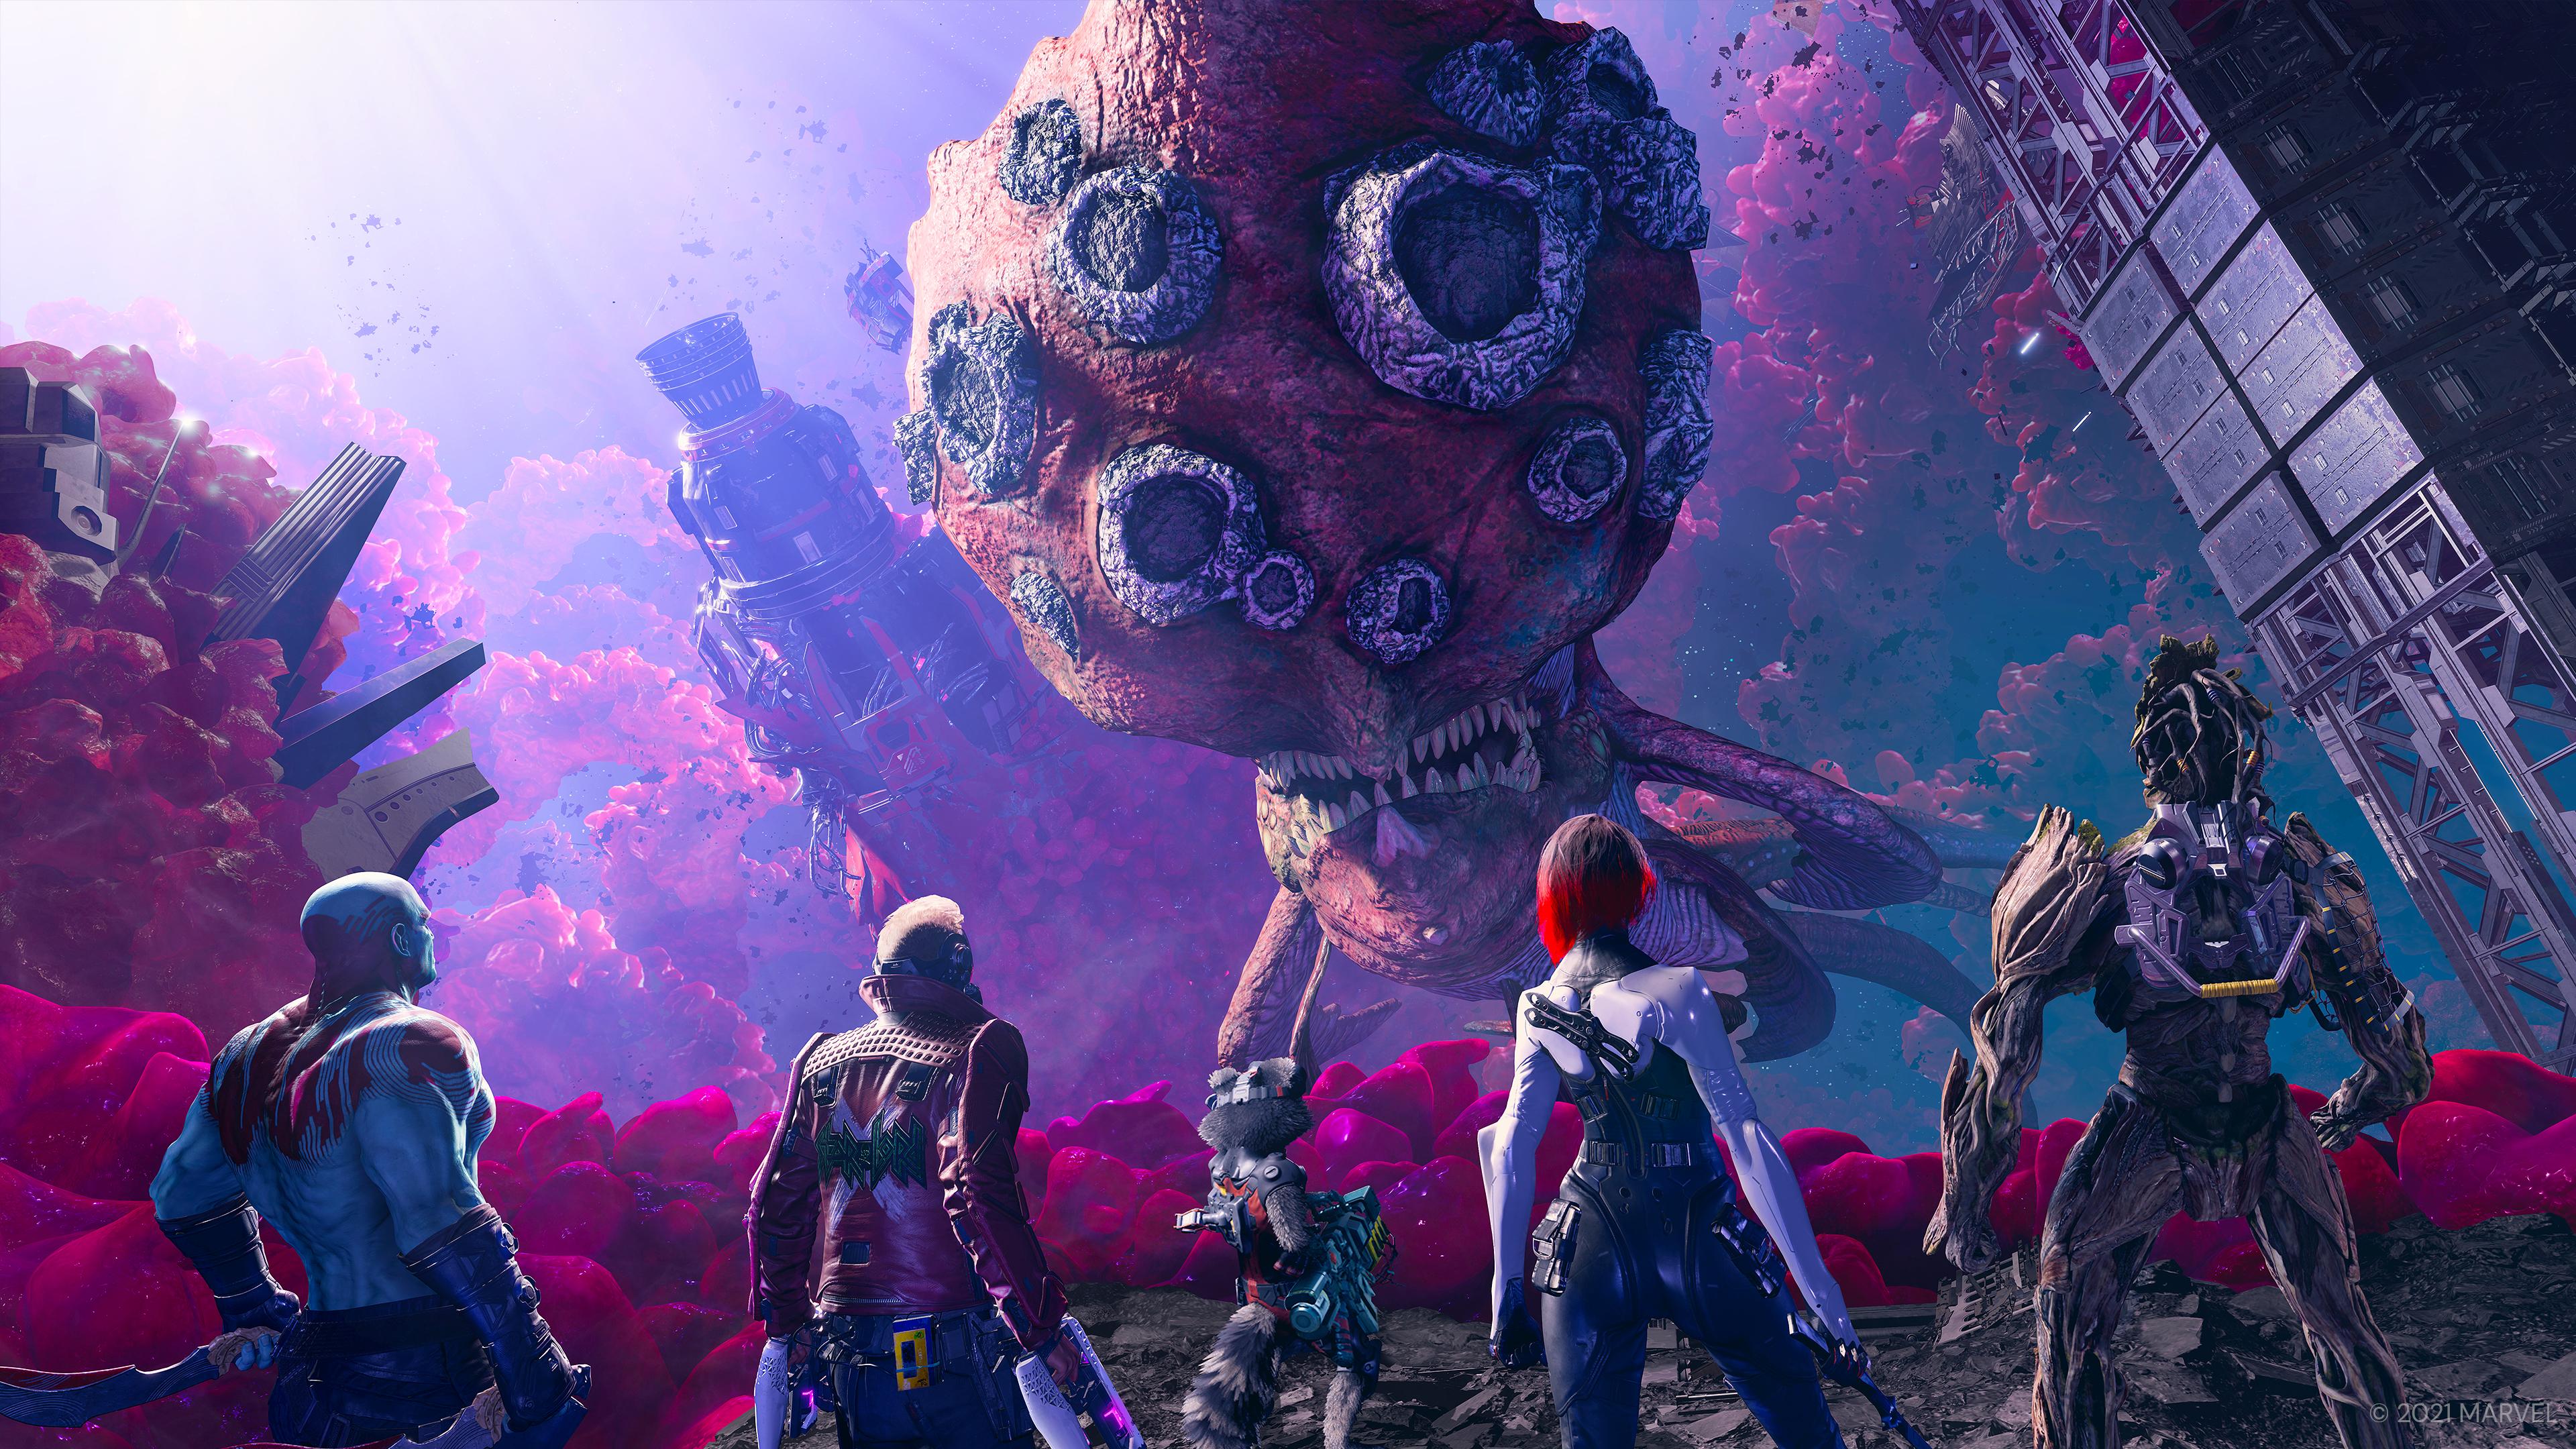 Скриншот №3 к «Стражи Галактики Marvel» цифровое издание Deluxe на PS4 и PS5